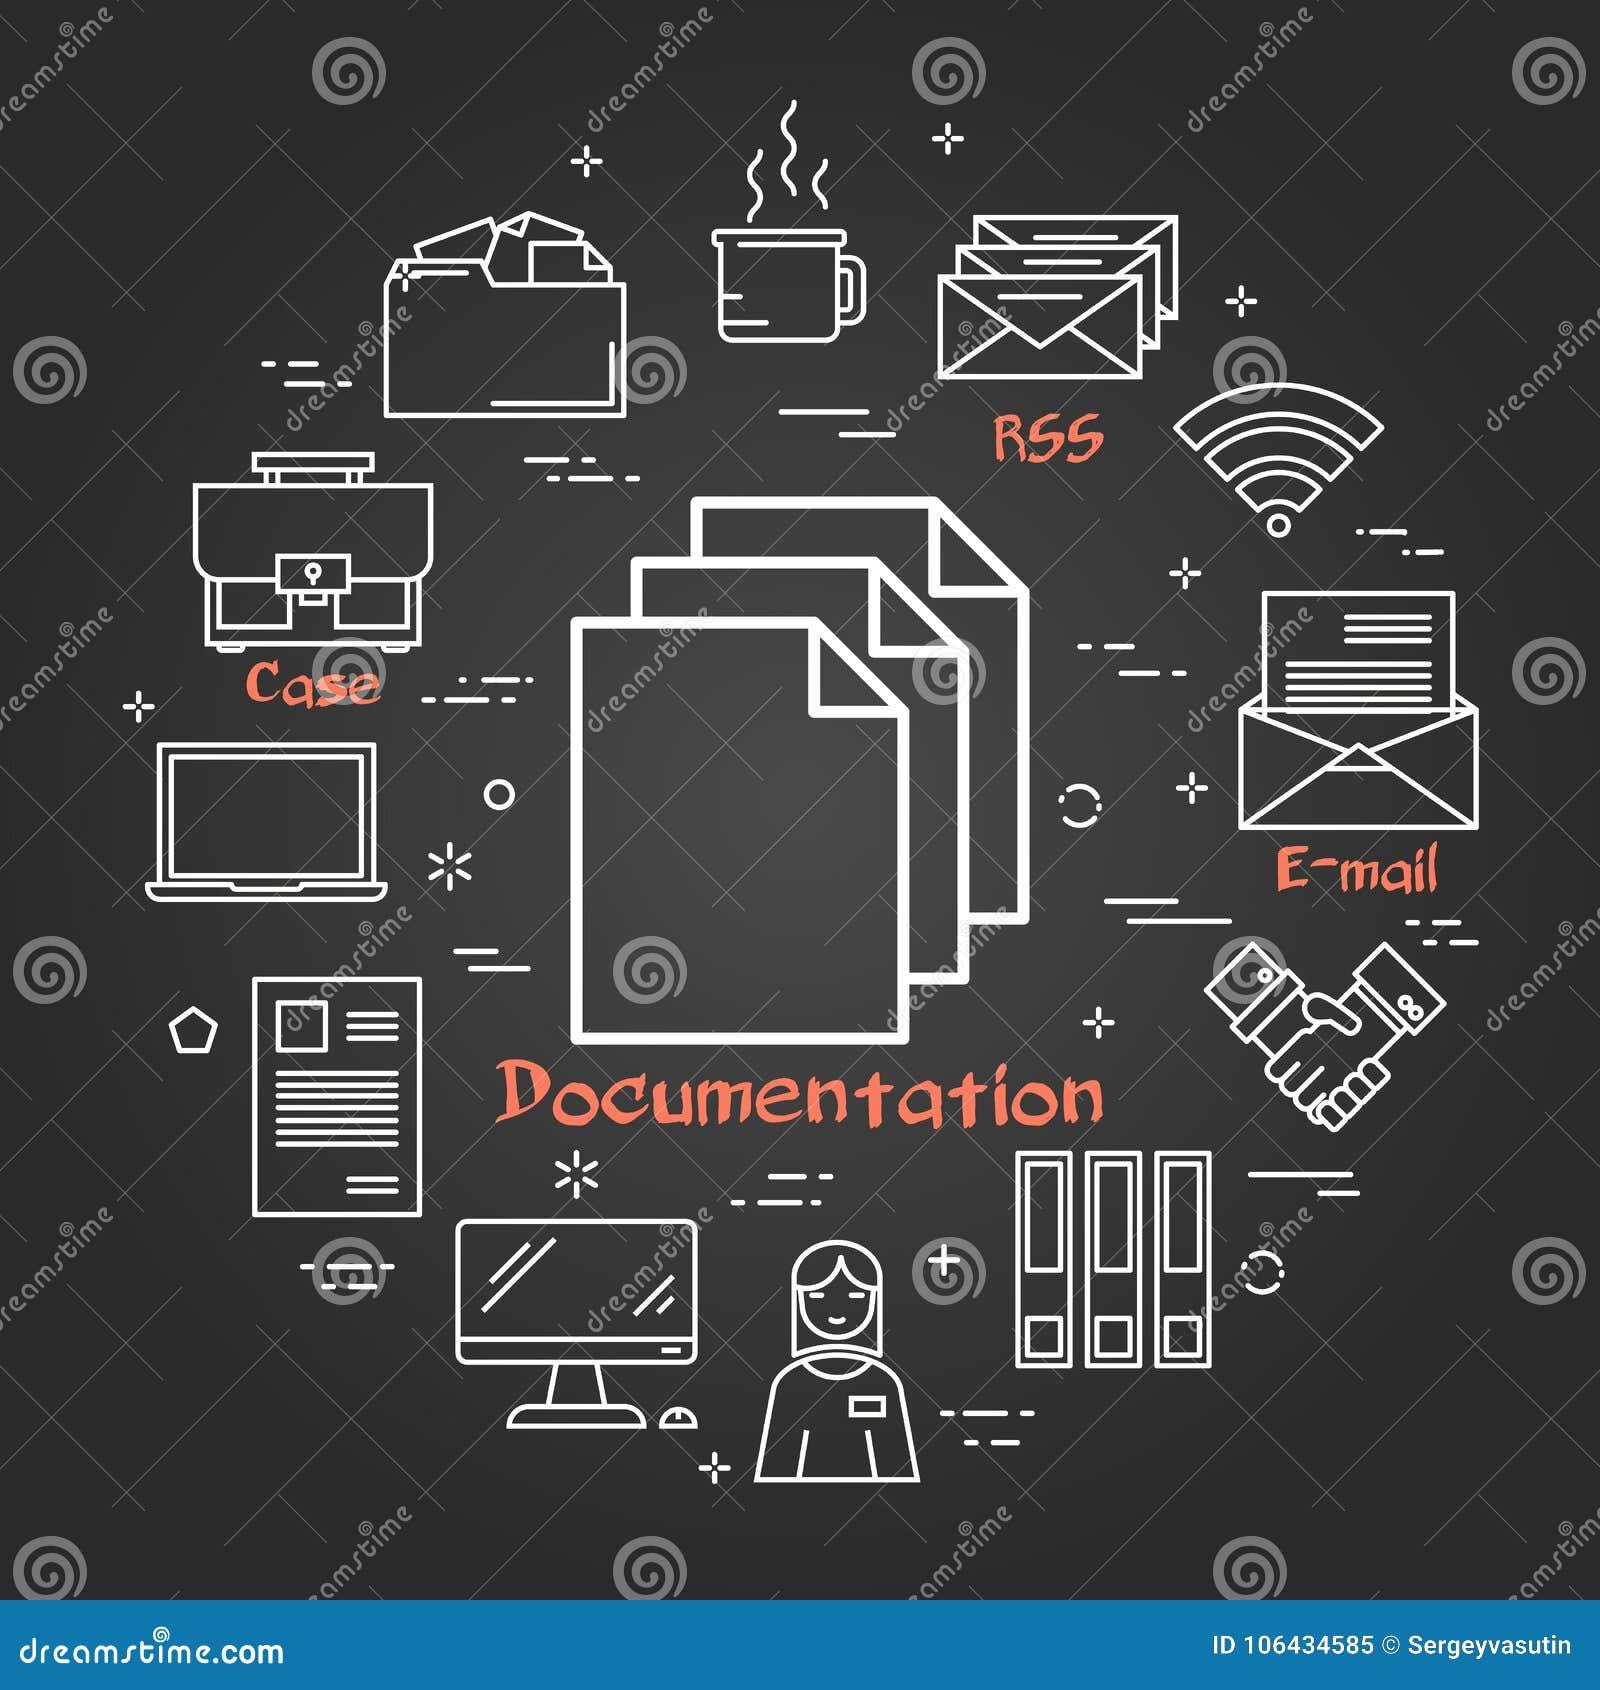 Chalk board - Documentation